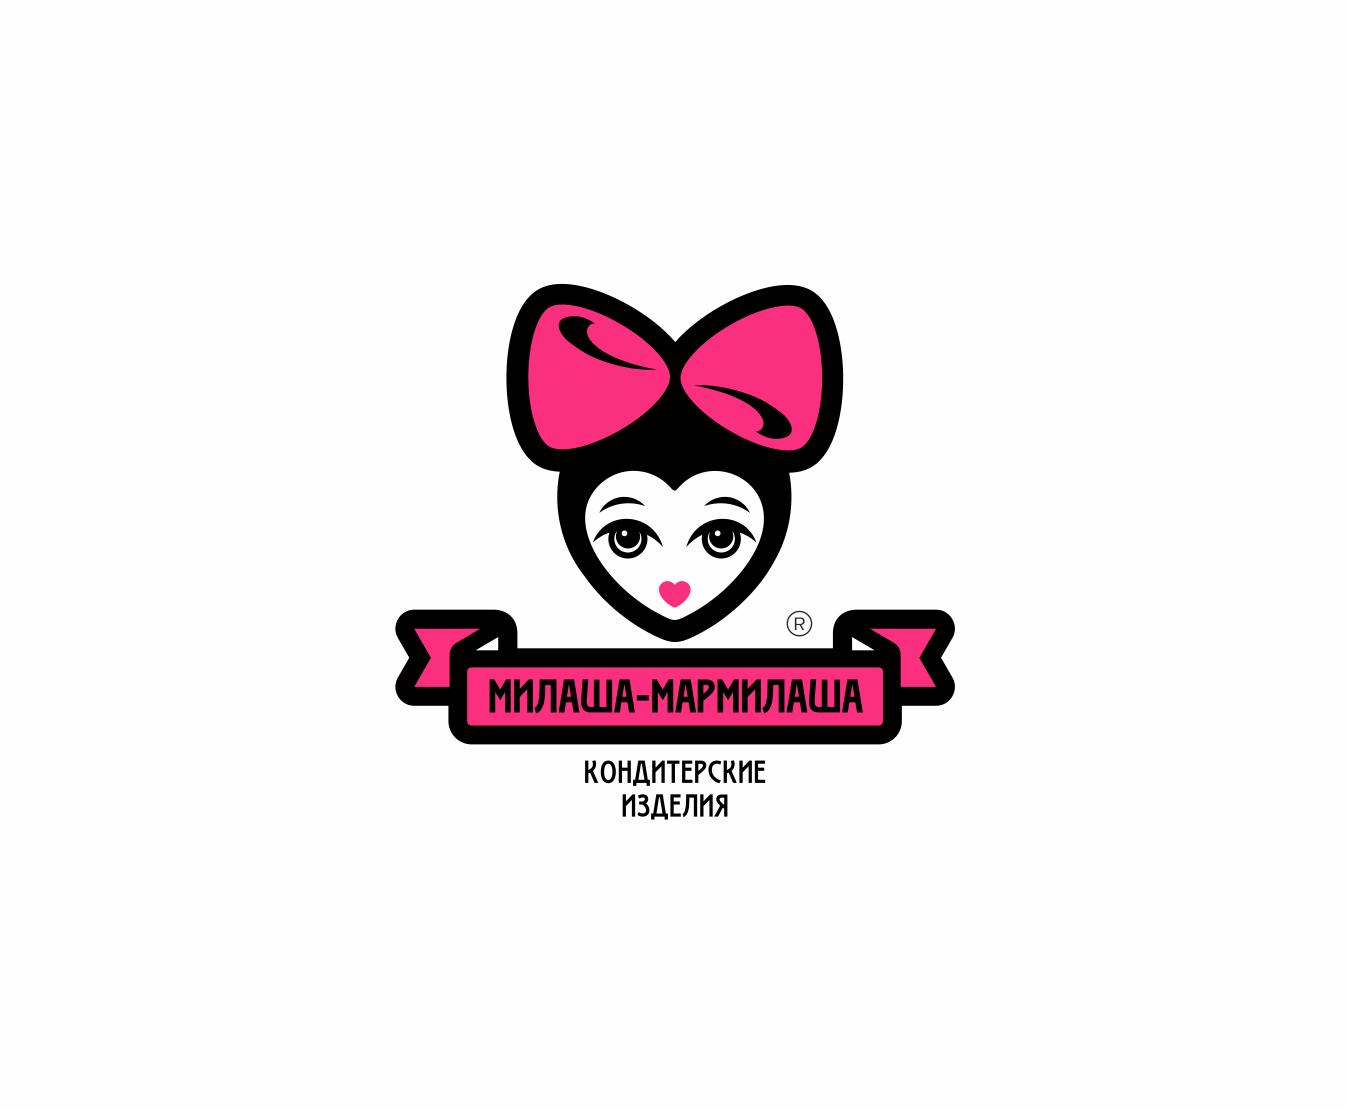 """Логотип для товарного знака """"Милаша-Мармилаша"""" фото f_4155875b93e9a0d0.png"""